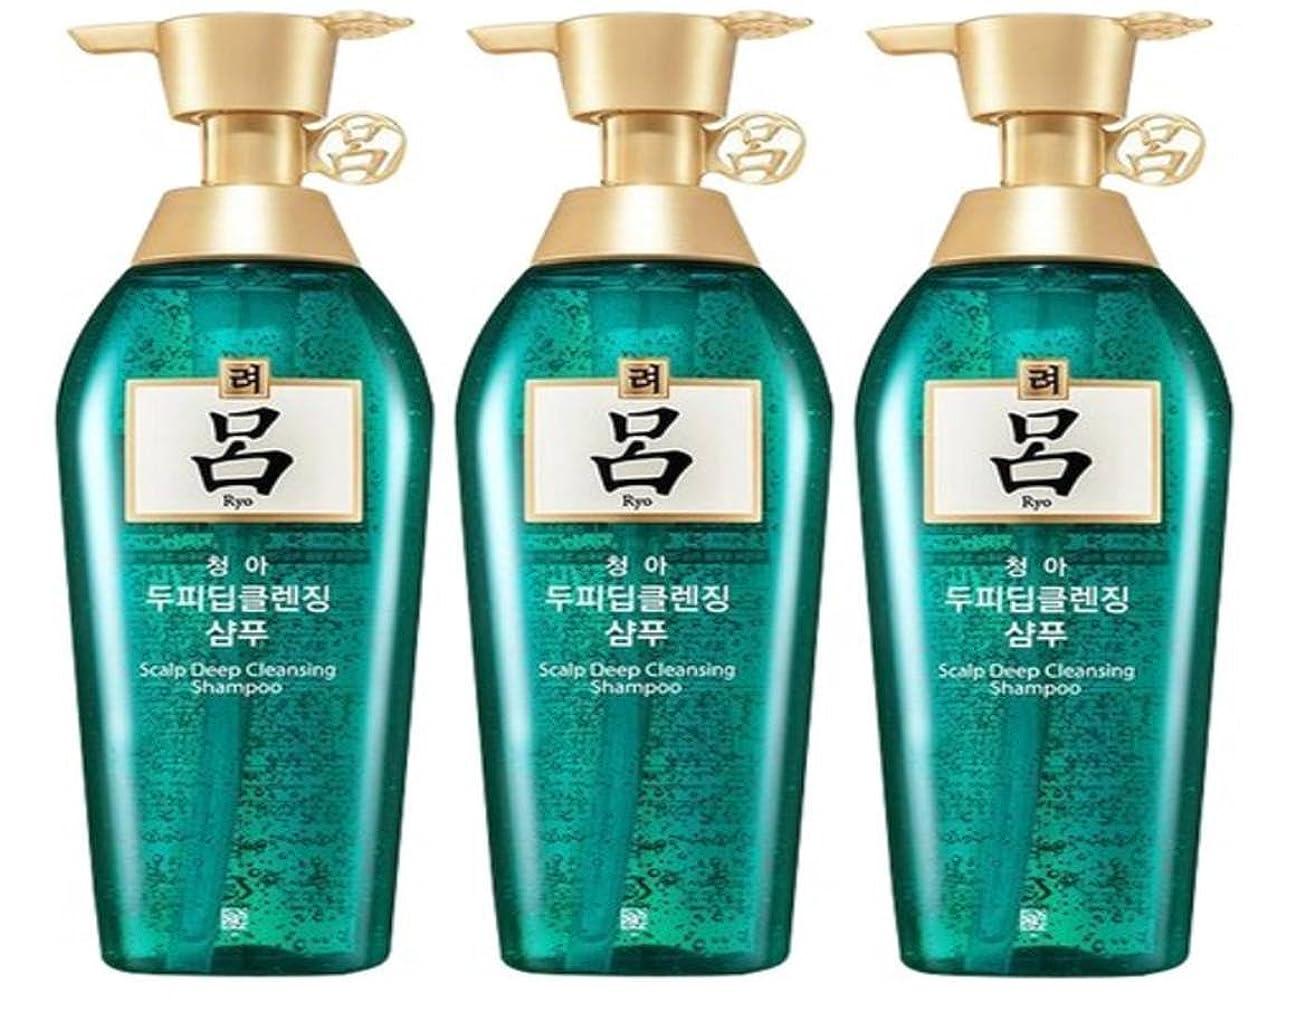 急降下忘れられない時の脱毛防止シャンプー (アモーレパシフィック) 呂 チョンア頭皮 シャンプー Scalp Deep Cleansing Shampoo 500ml X 3 (海外直送品) [並行輸入品]